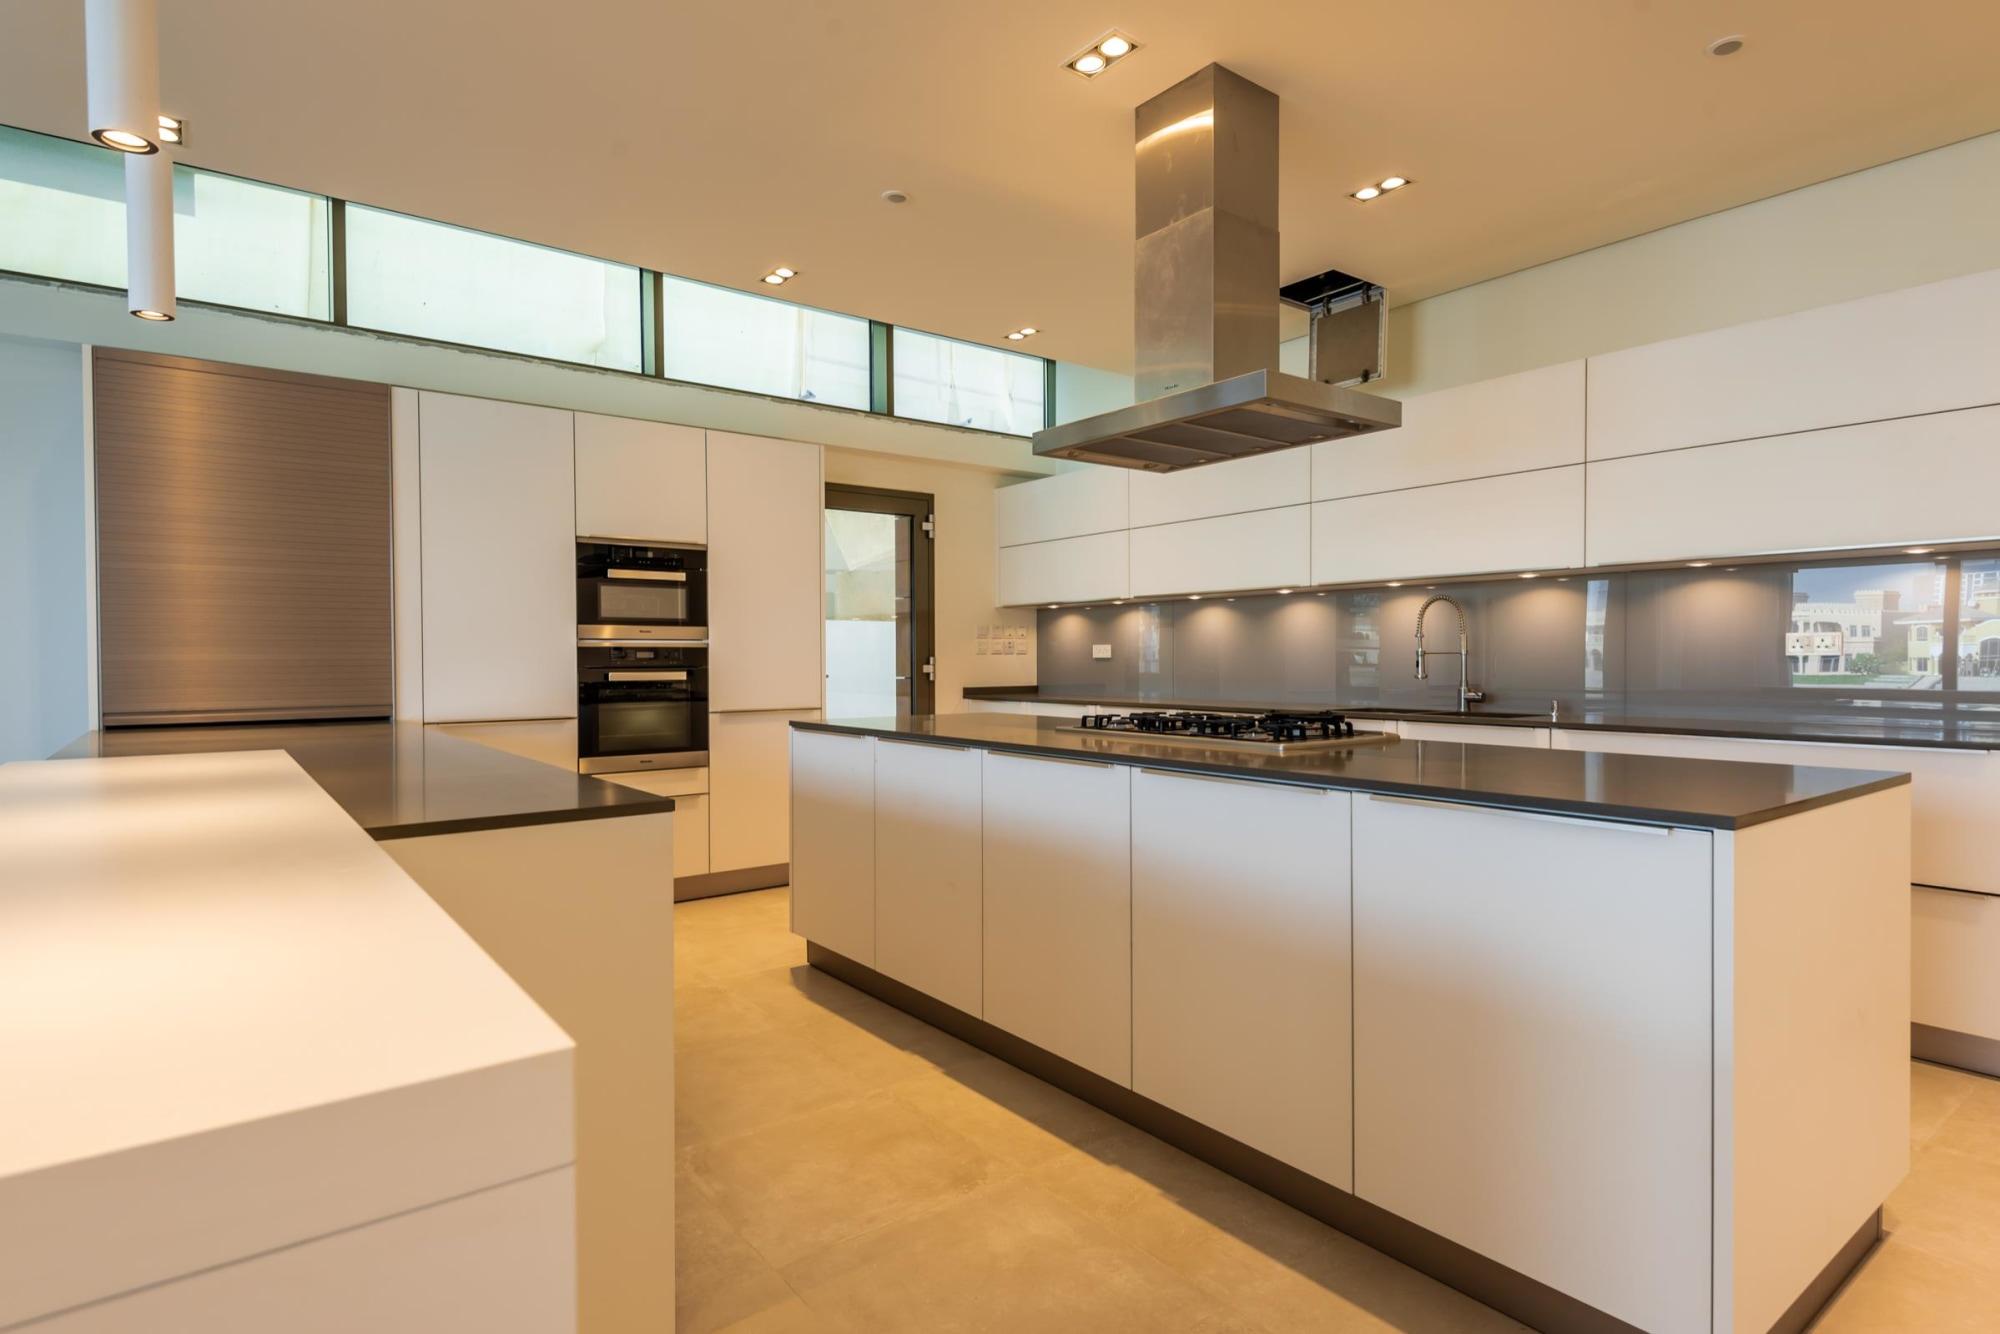 Brand new Smart Home Custom built